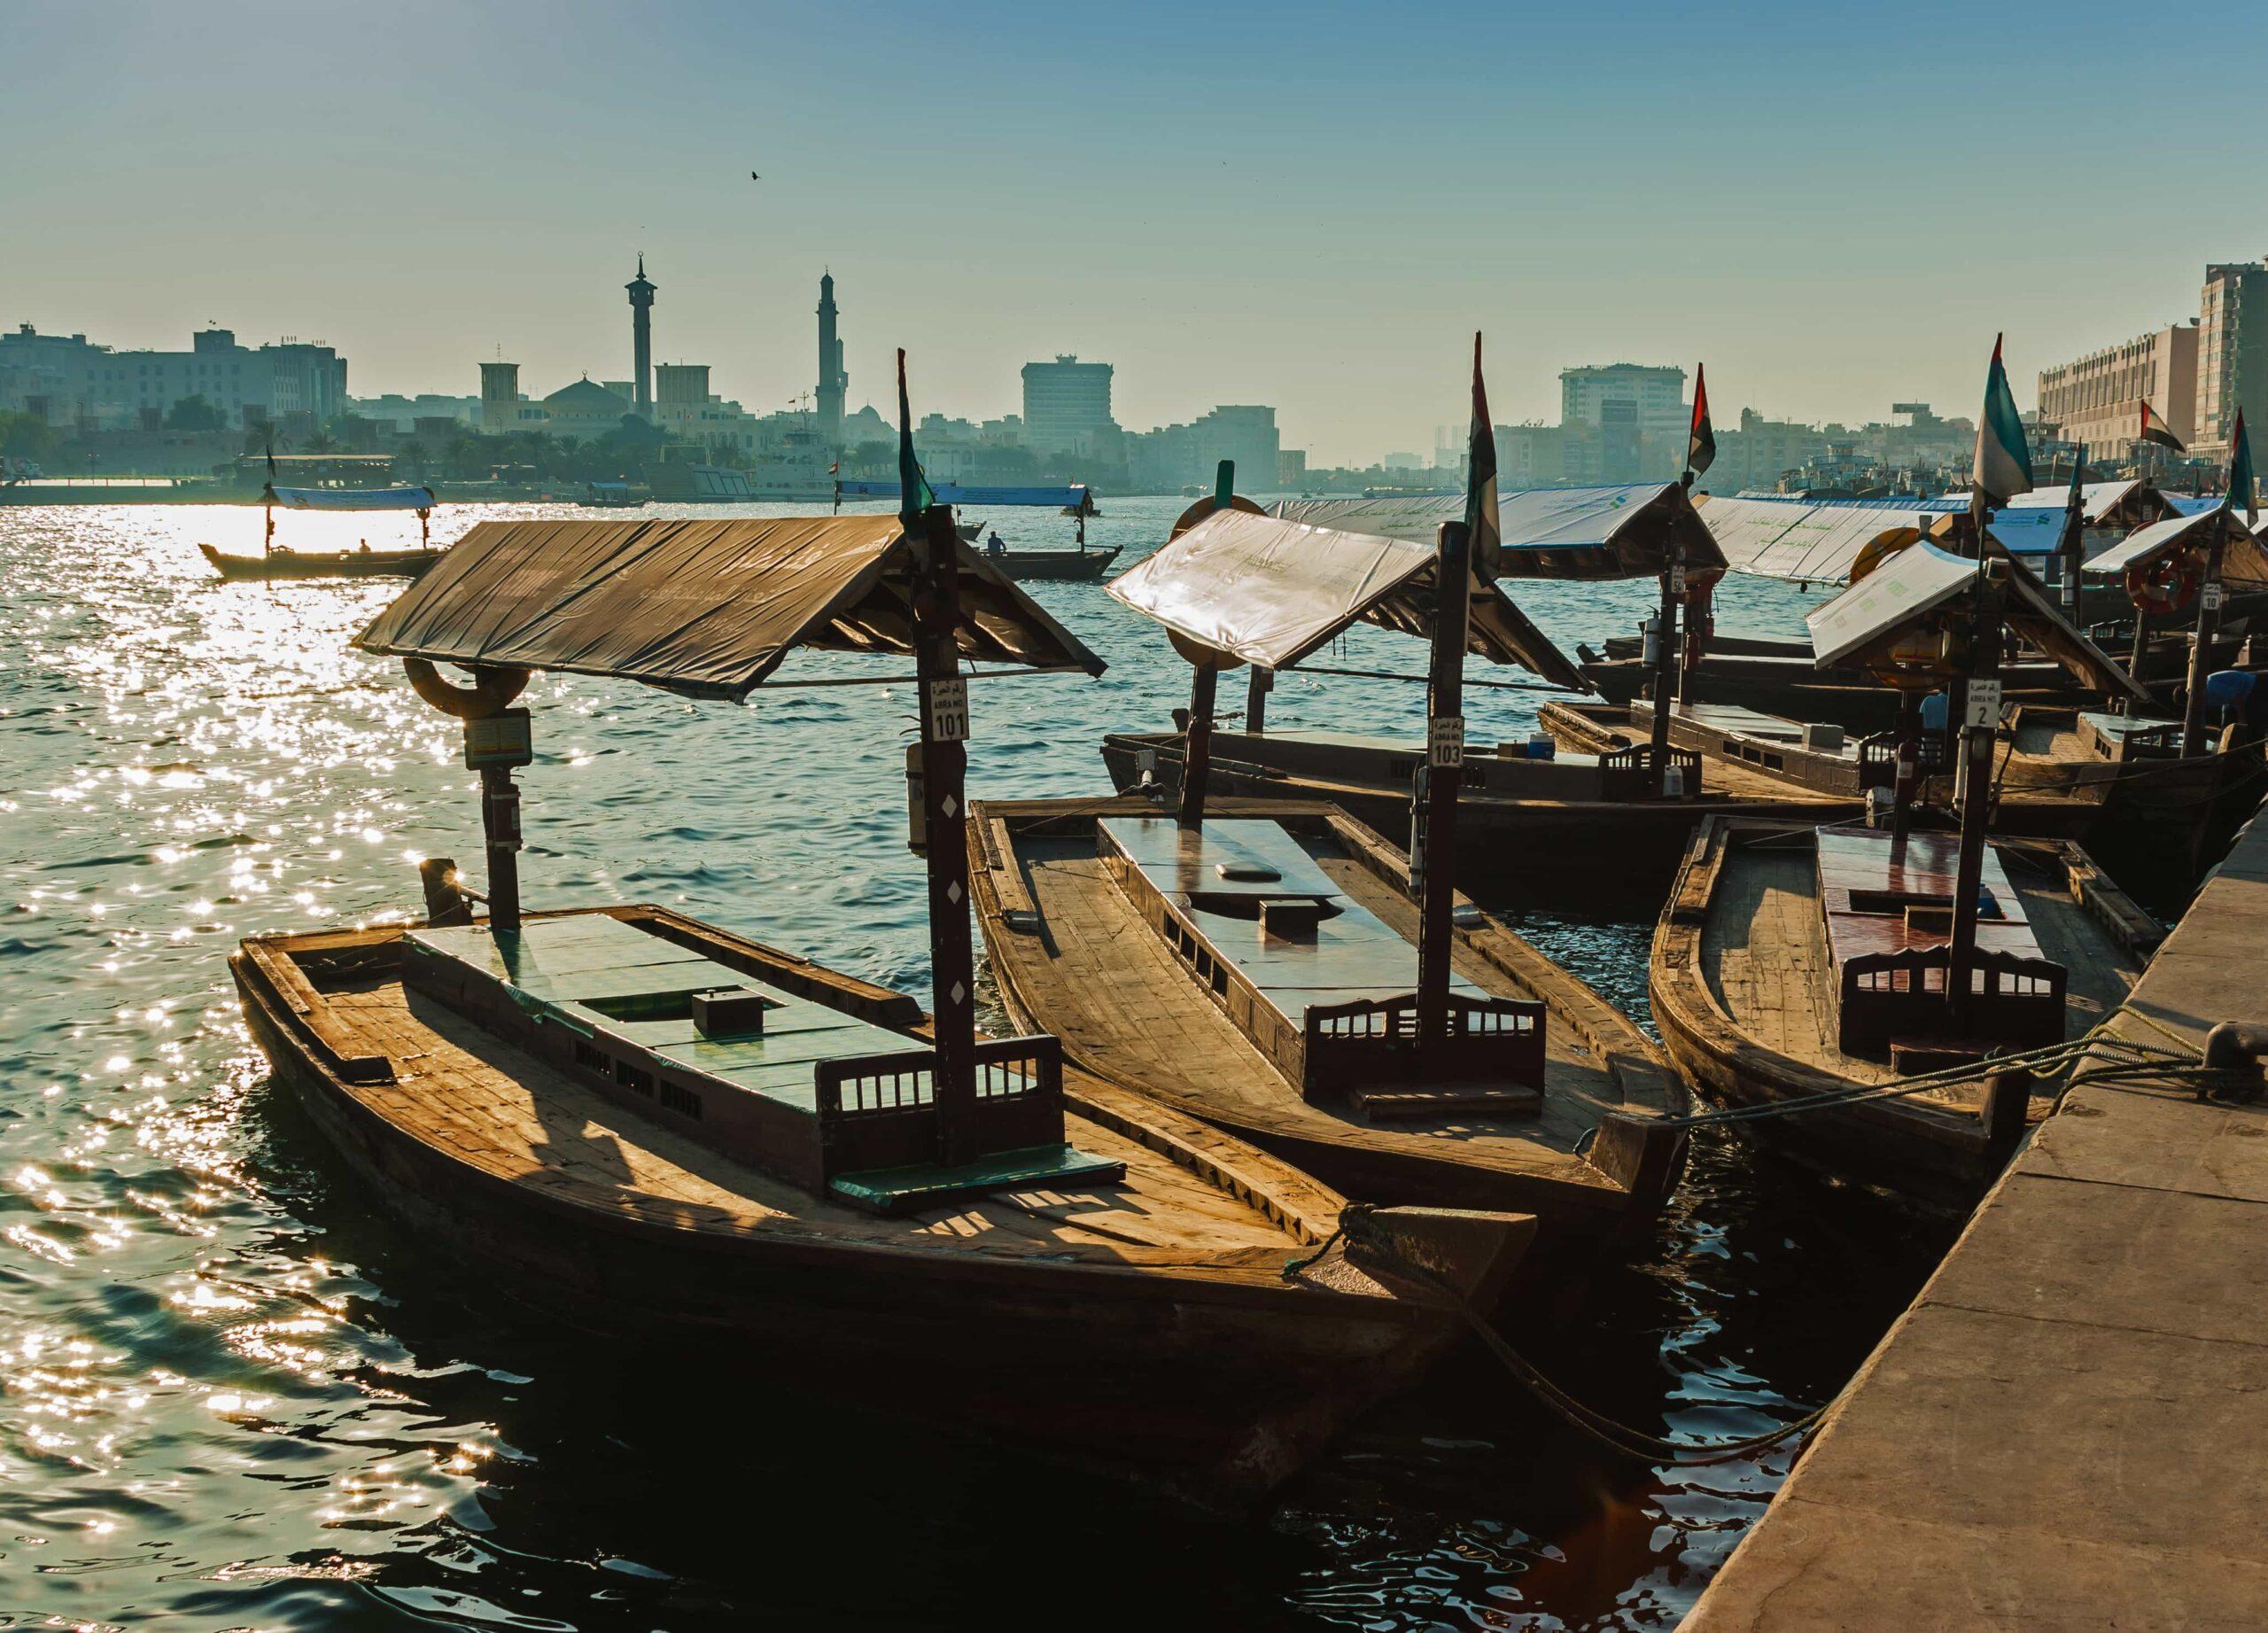 Abra Crossing Boats parked in Dubai Creek